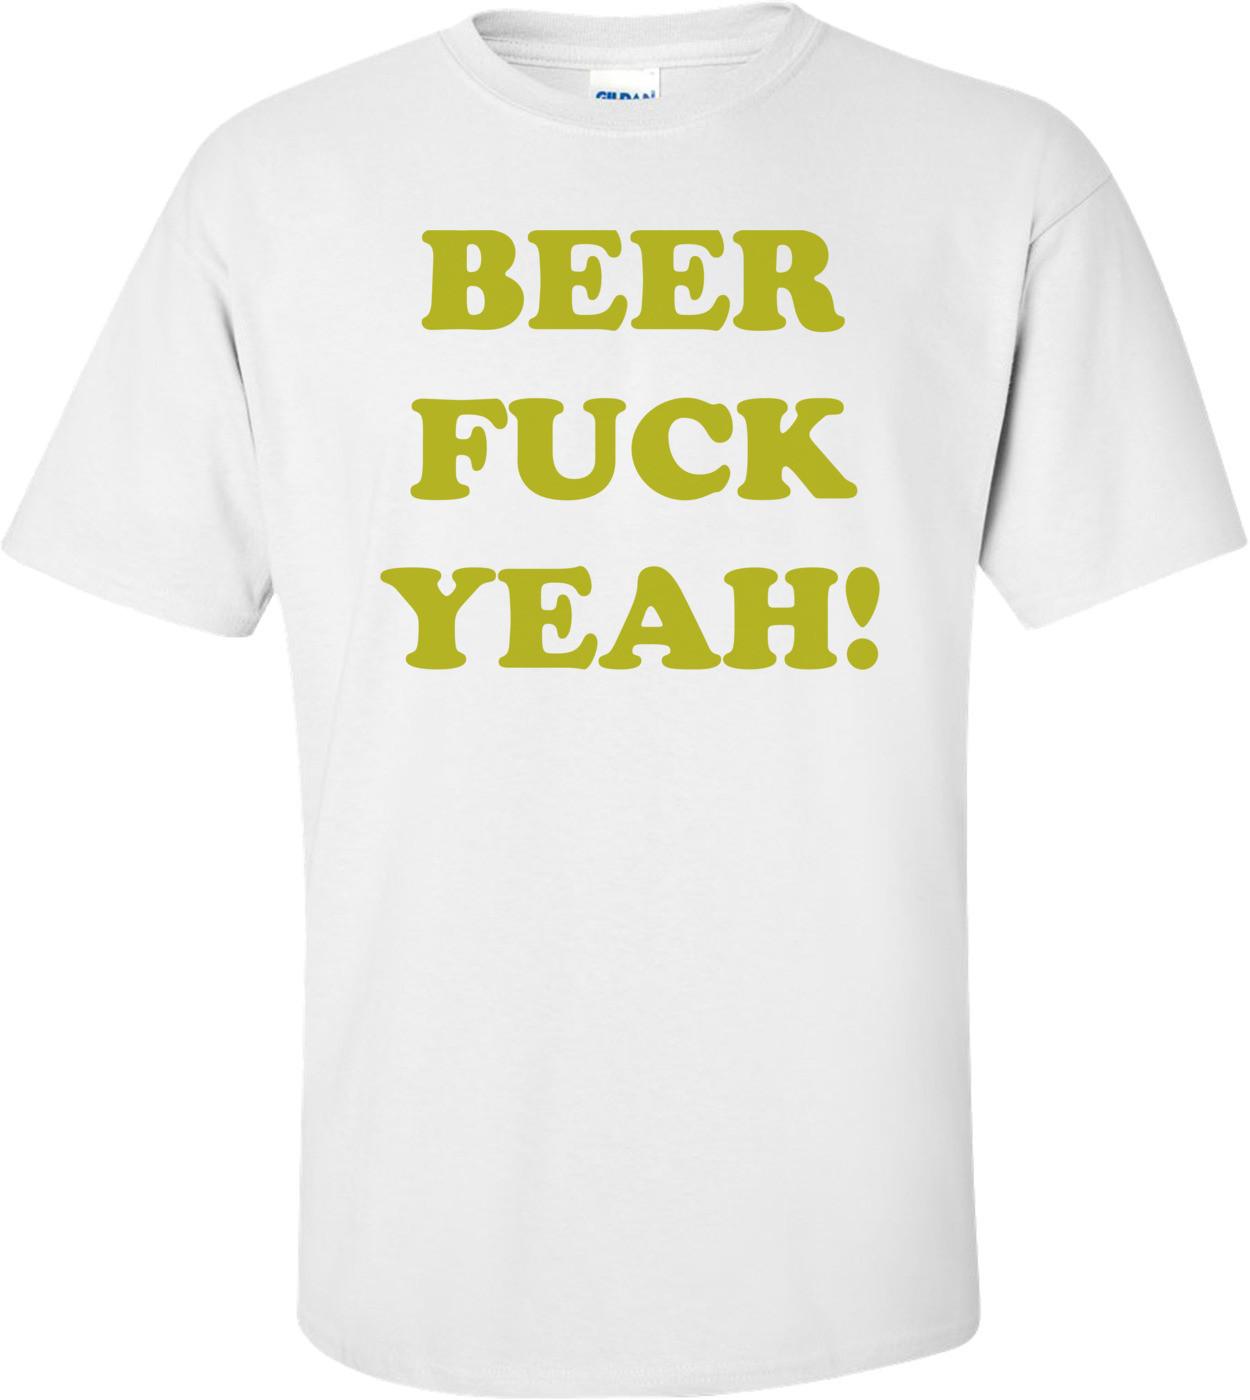 BEER FUCK YEAH! Shirt